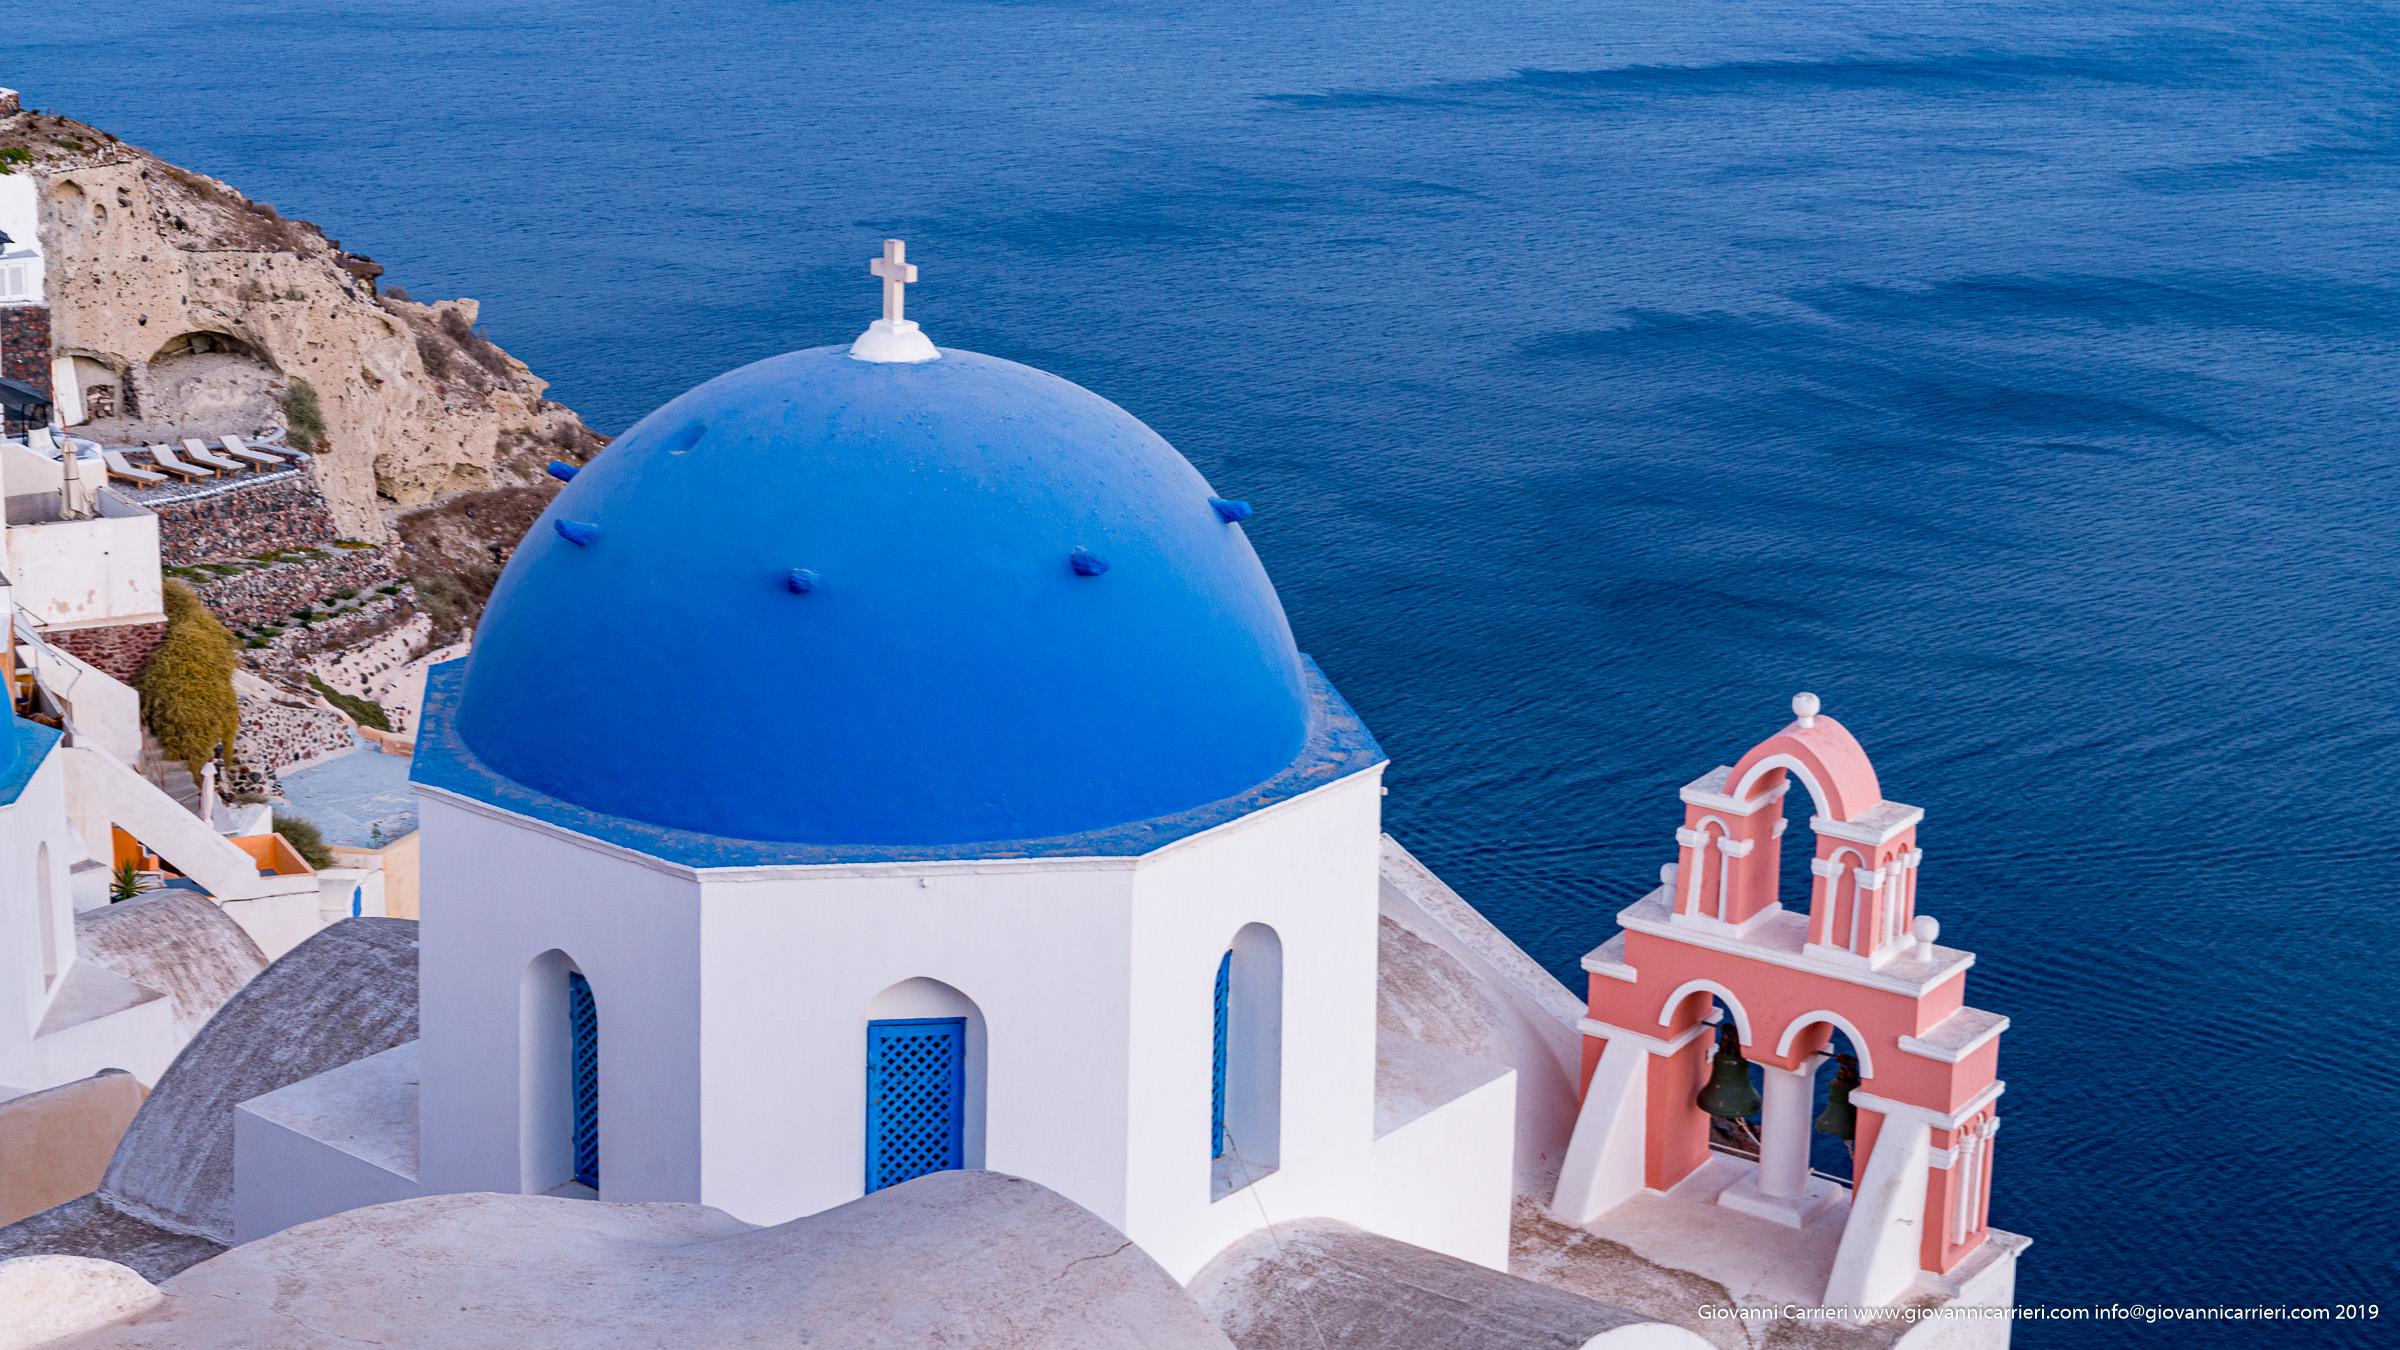 Le campane di Oia affacciatte sulla caldera - Santorini